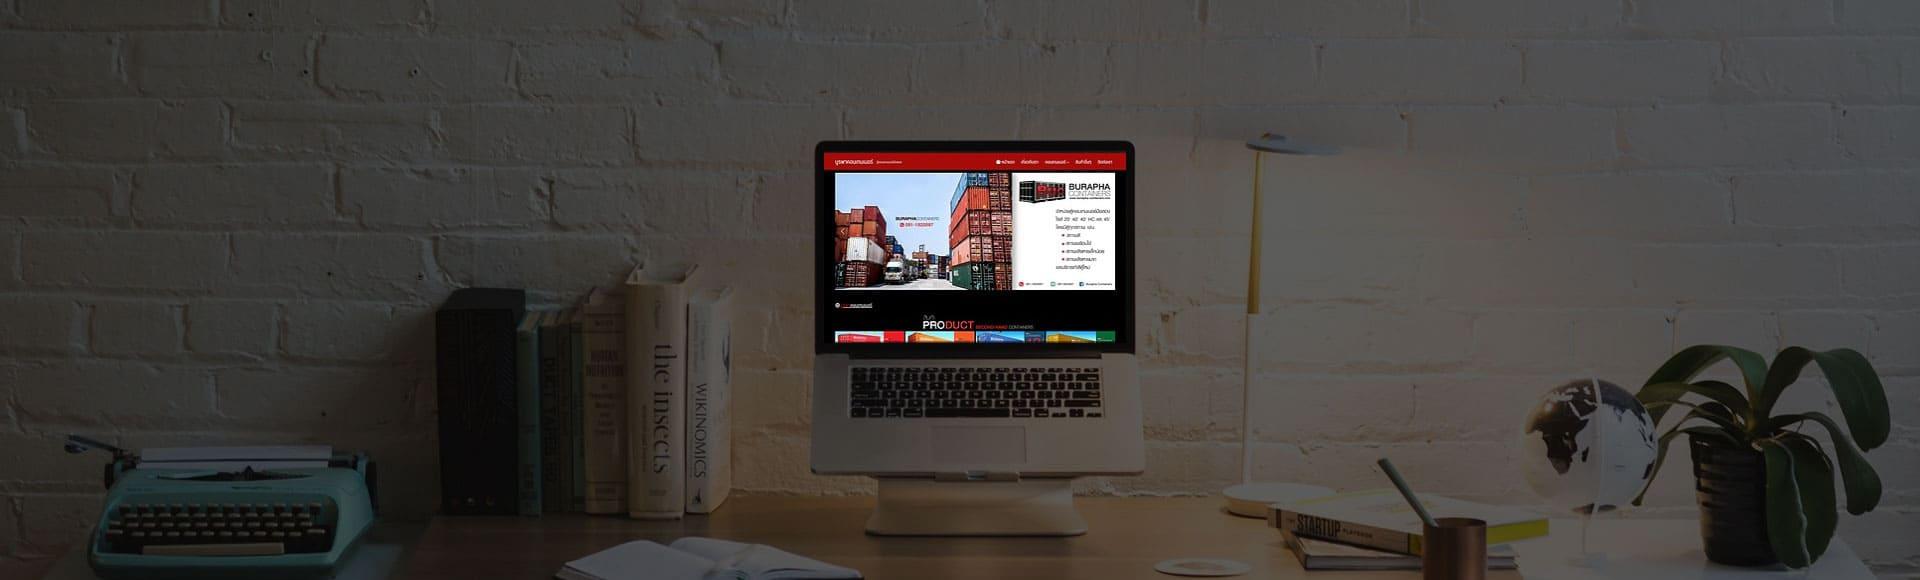 ผลงานทำเว็บไซต์ขายตู้คอนเทนเนอร์ | บริการรับทำเว็บไซต์ ออกแบบเว็บไซต์